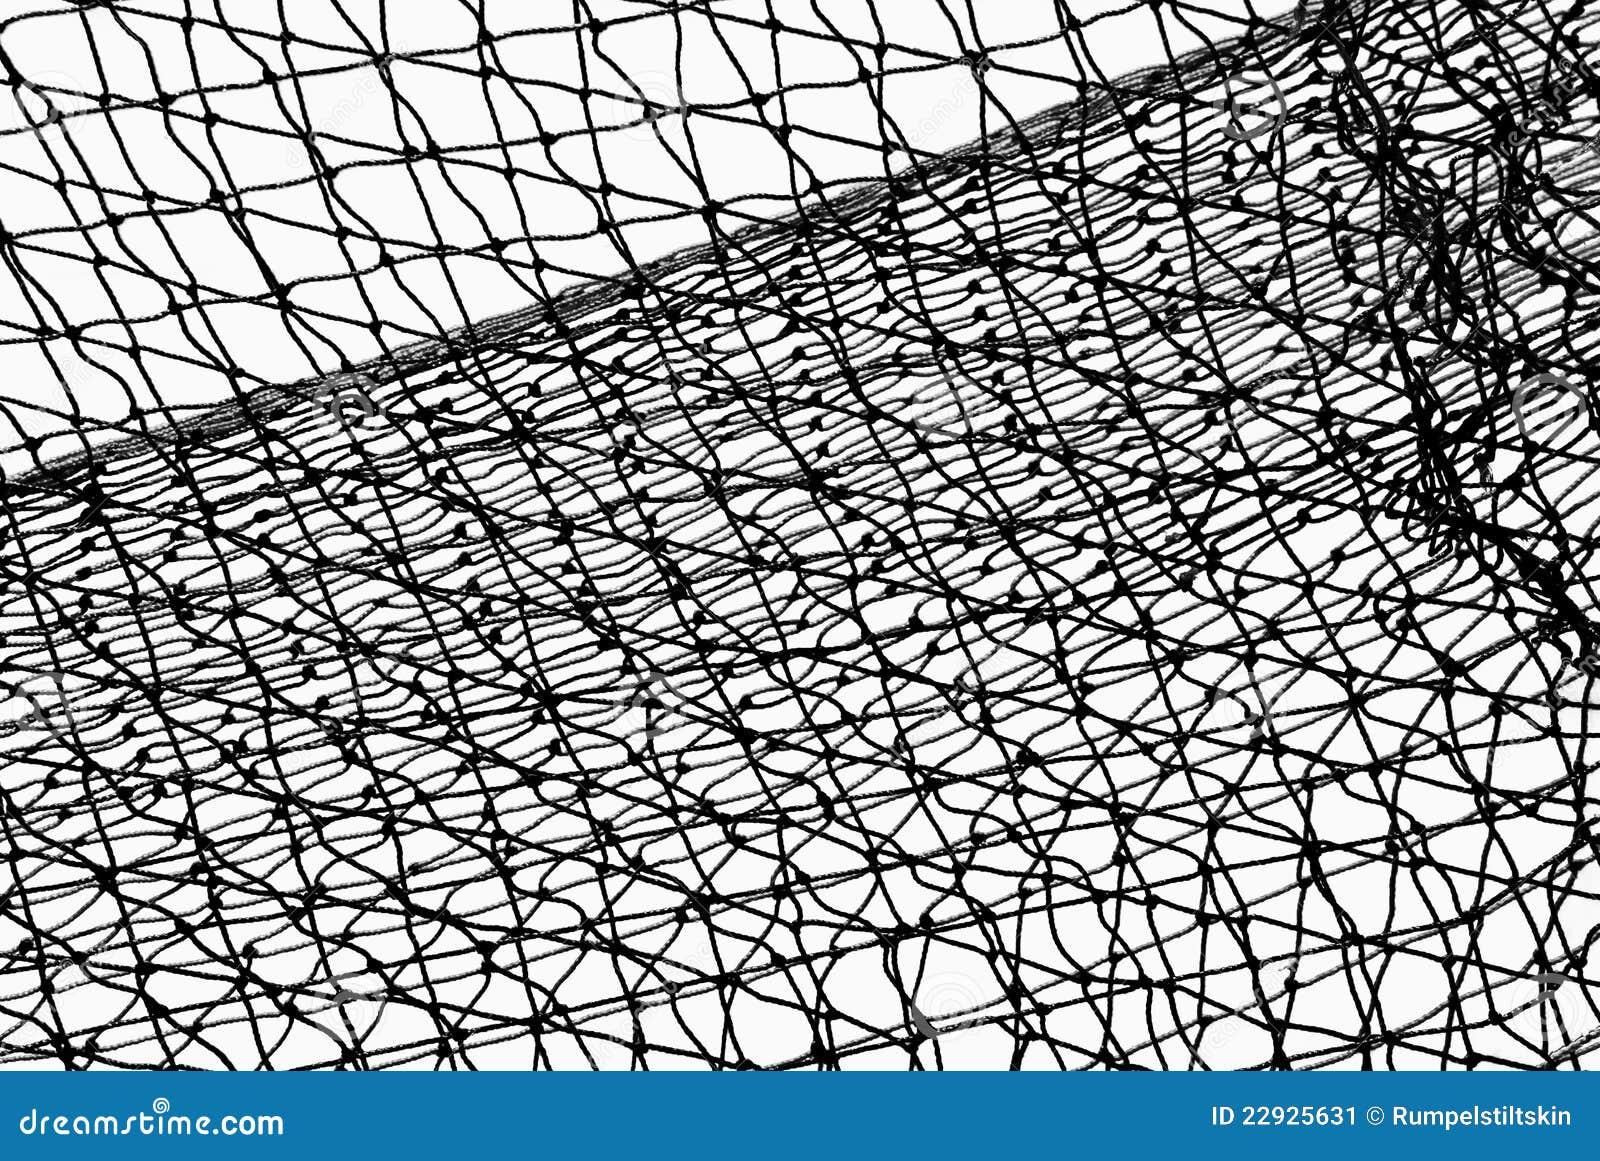 Rete da pesca immagine stock immagine di pesca modello for Rete da pesca arredamento